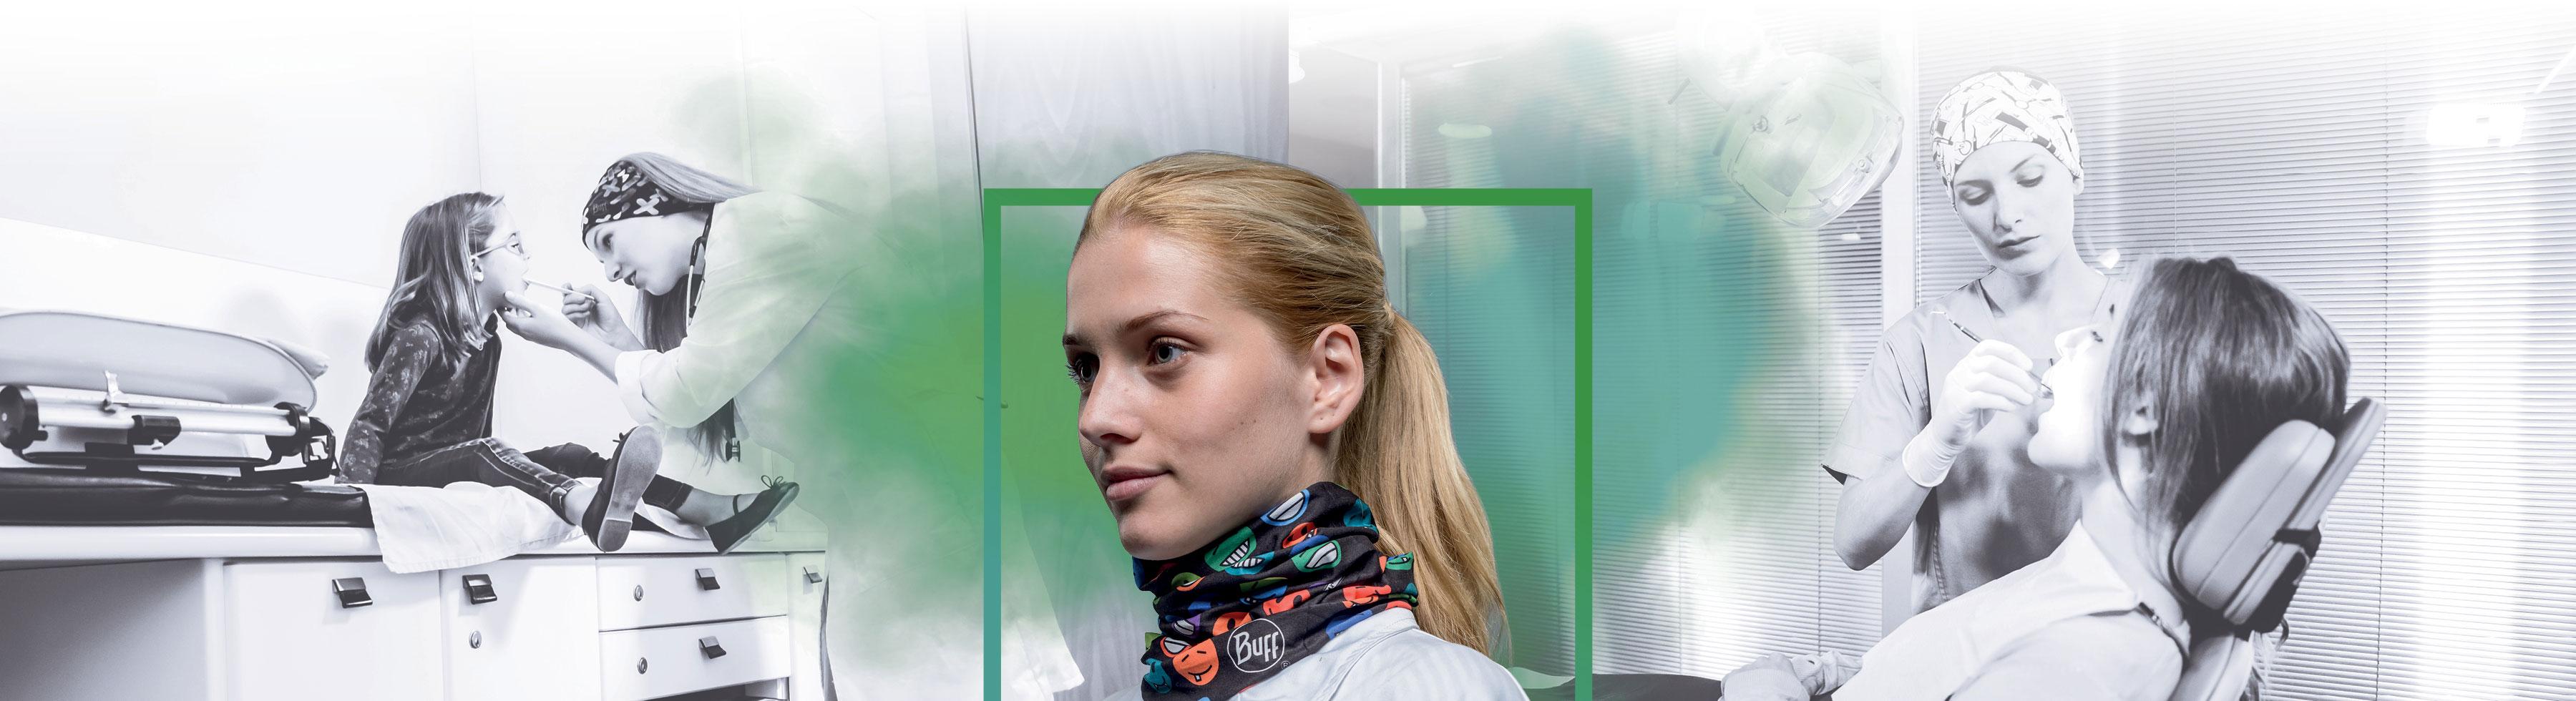 BUFF - Medical collection - Halsedisse - Halsrør - halsbeklædning